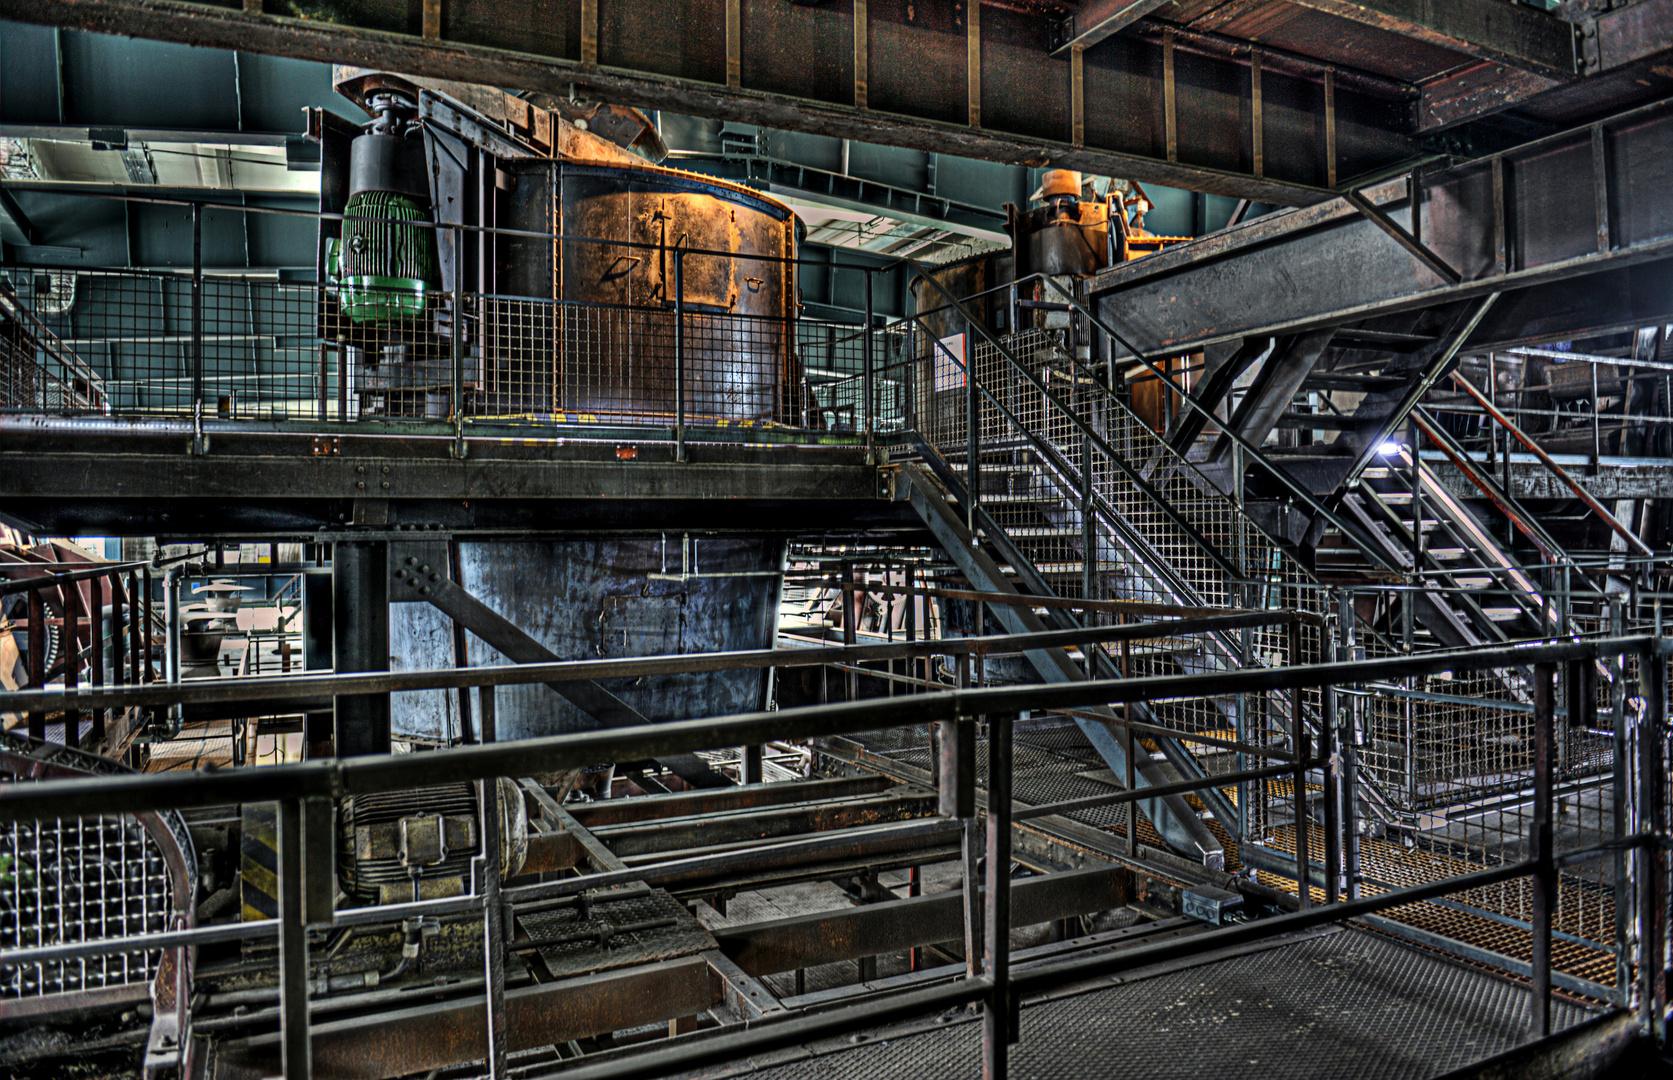 Zeche Zollverein Essen - HDR